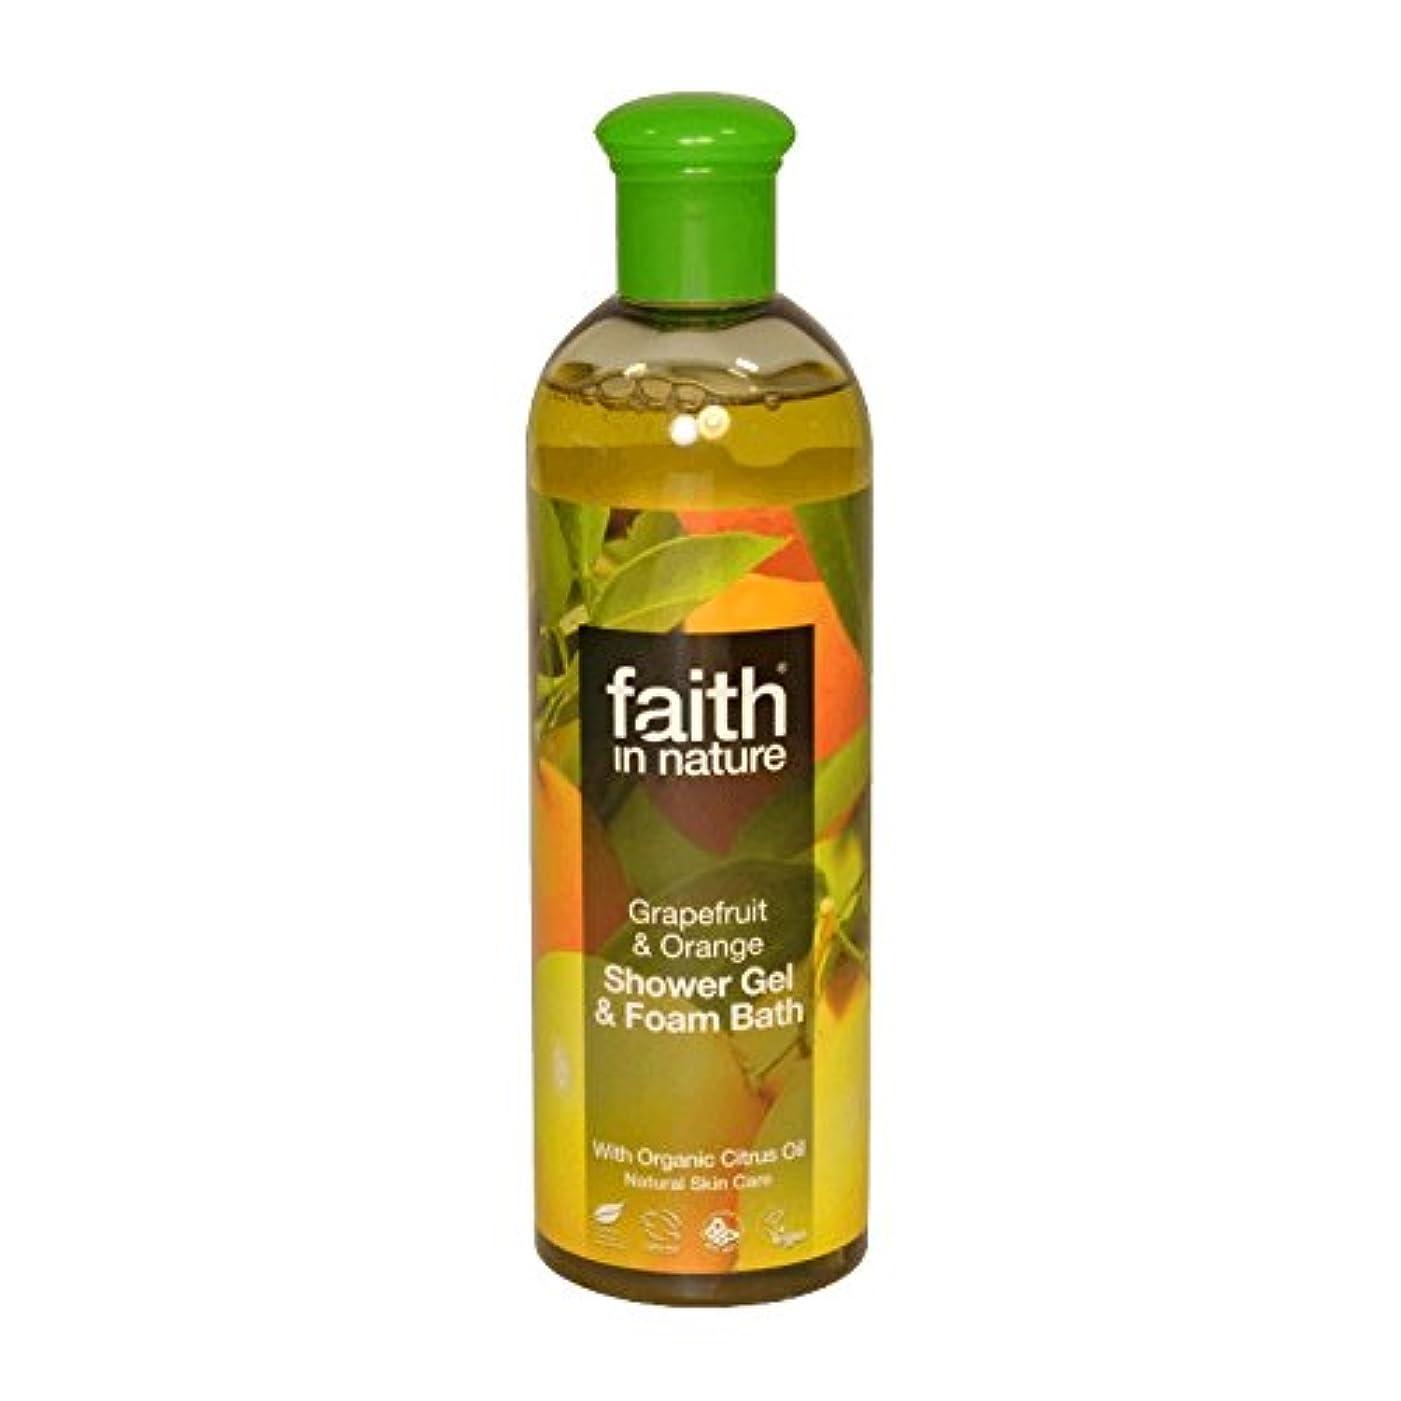 作曲する形状メタルラインFaith in Nature Grapefruit & Orange Shower Gel & Bath Foam 400ml (Pack of 6) - 自然グレープフルーツ&オレンジシャワージェル&バス泡400ミリリットルの信仰 (x6) [並行輸入品]